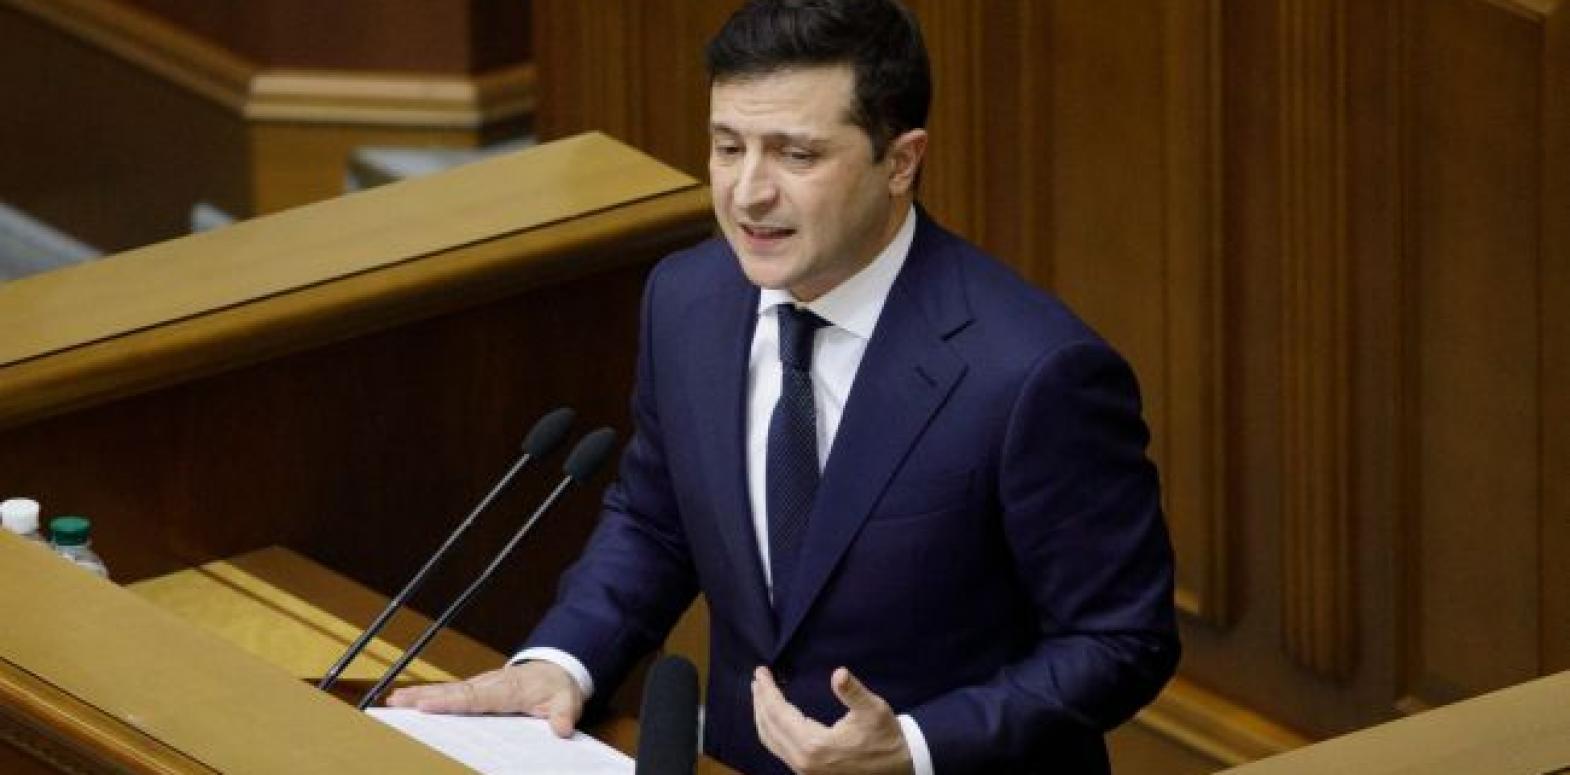 Зеленский призвал предпринимателей не увольнять людей во время карантина